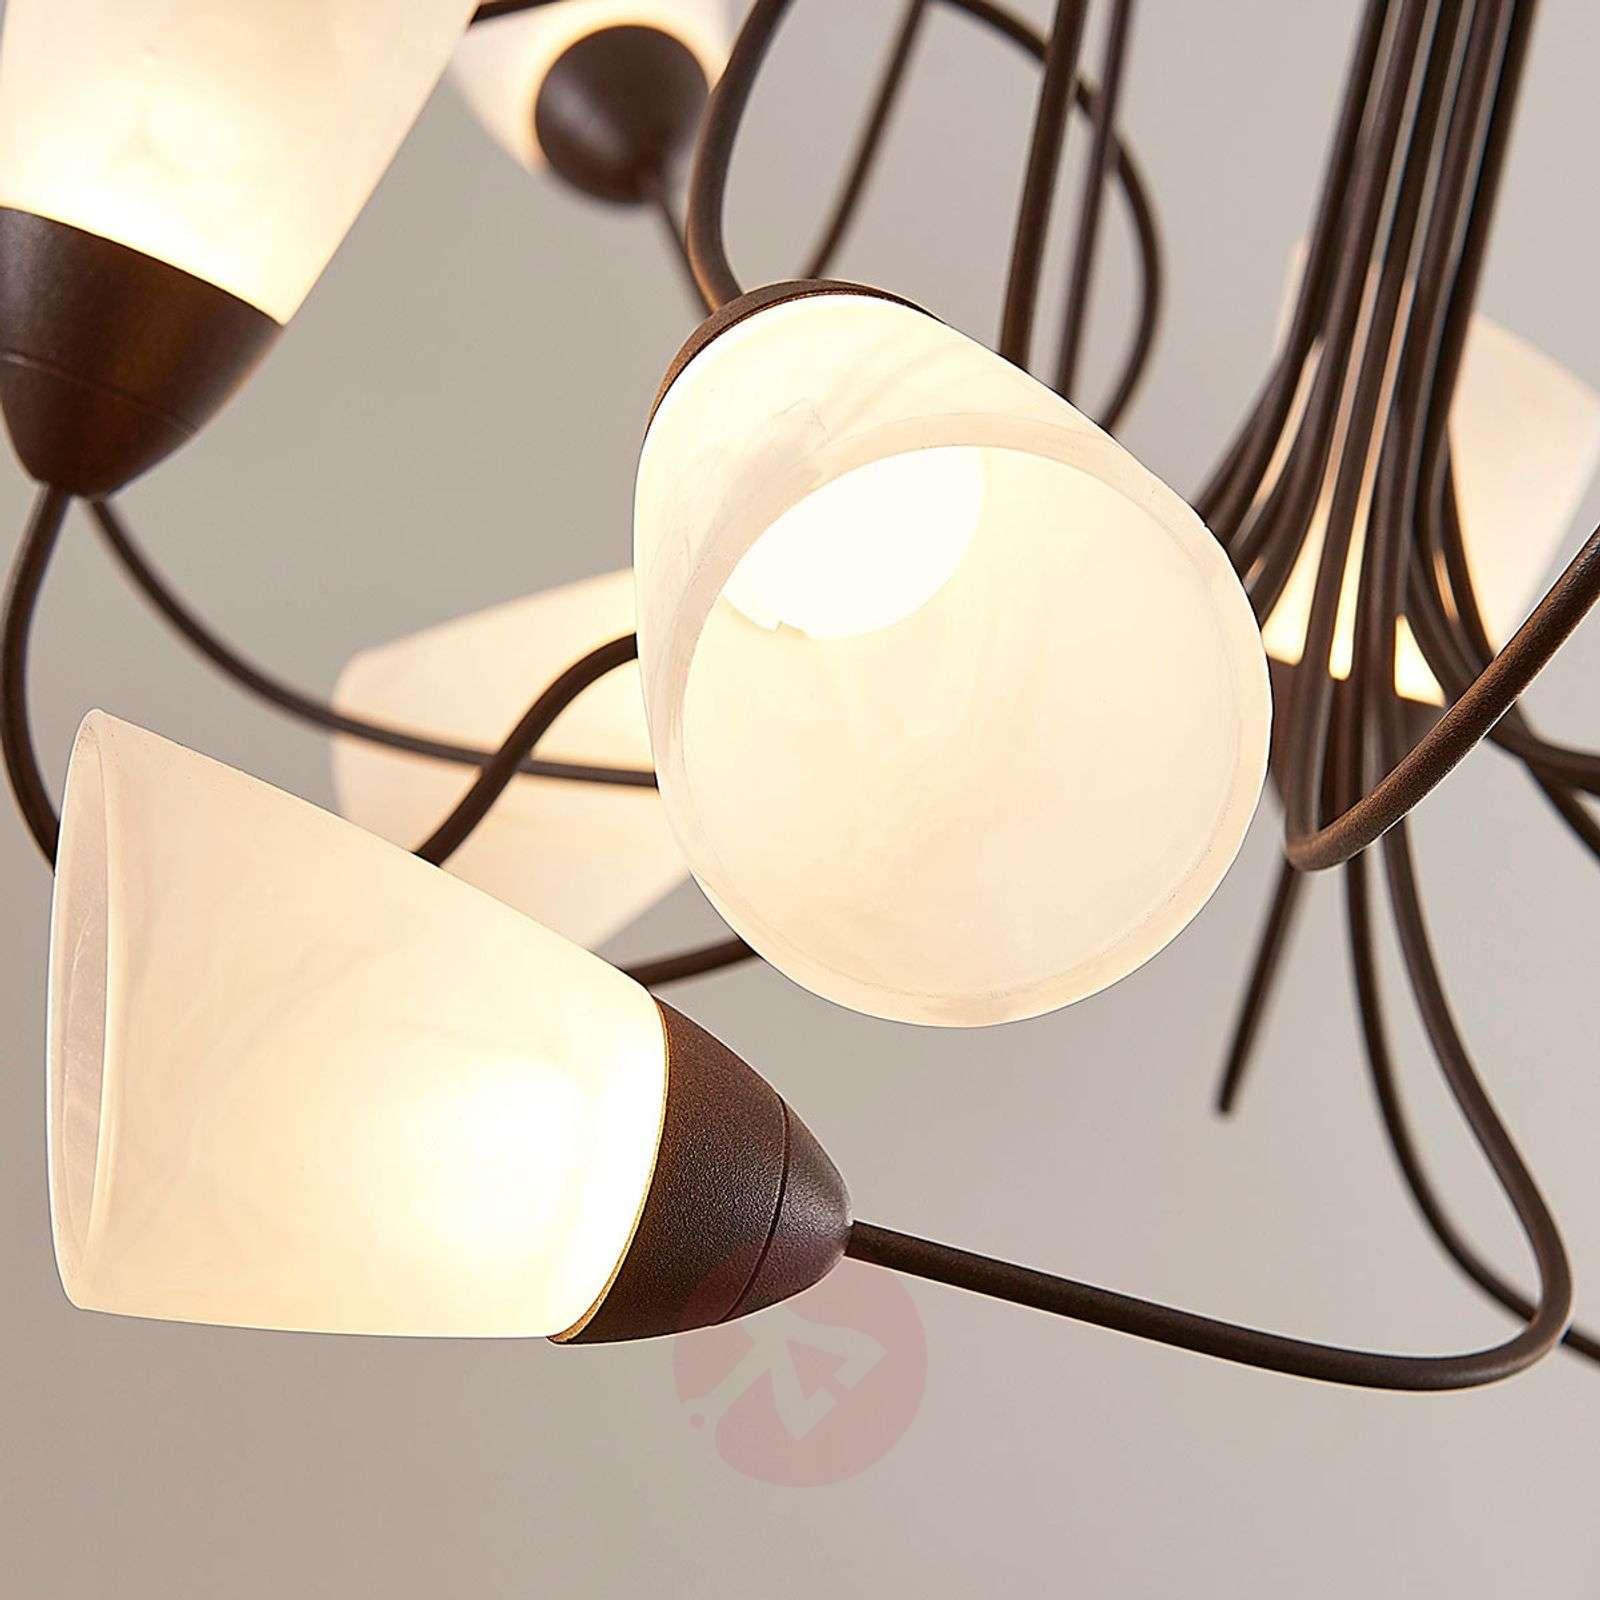 Leikkisältä vaikuttava LED-riippuvalaisin Hannes-9624042-01